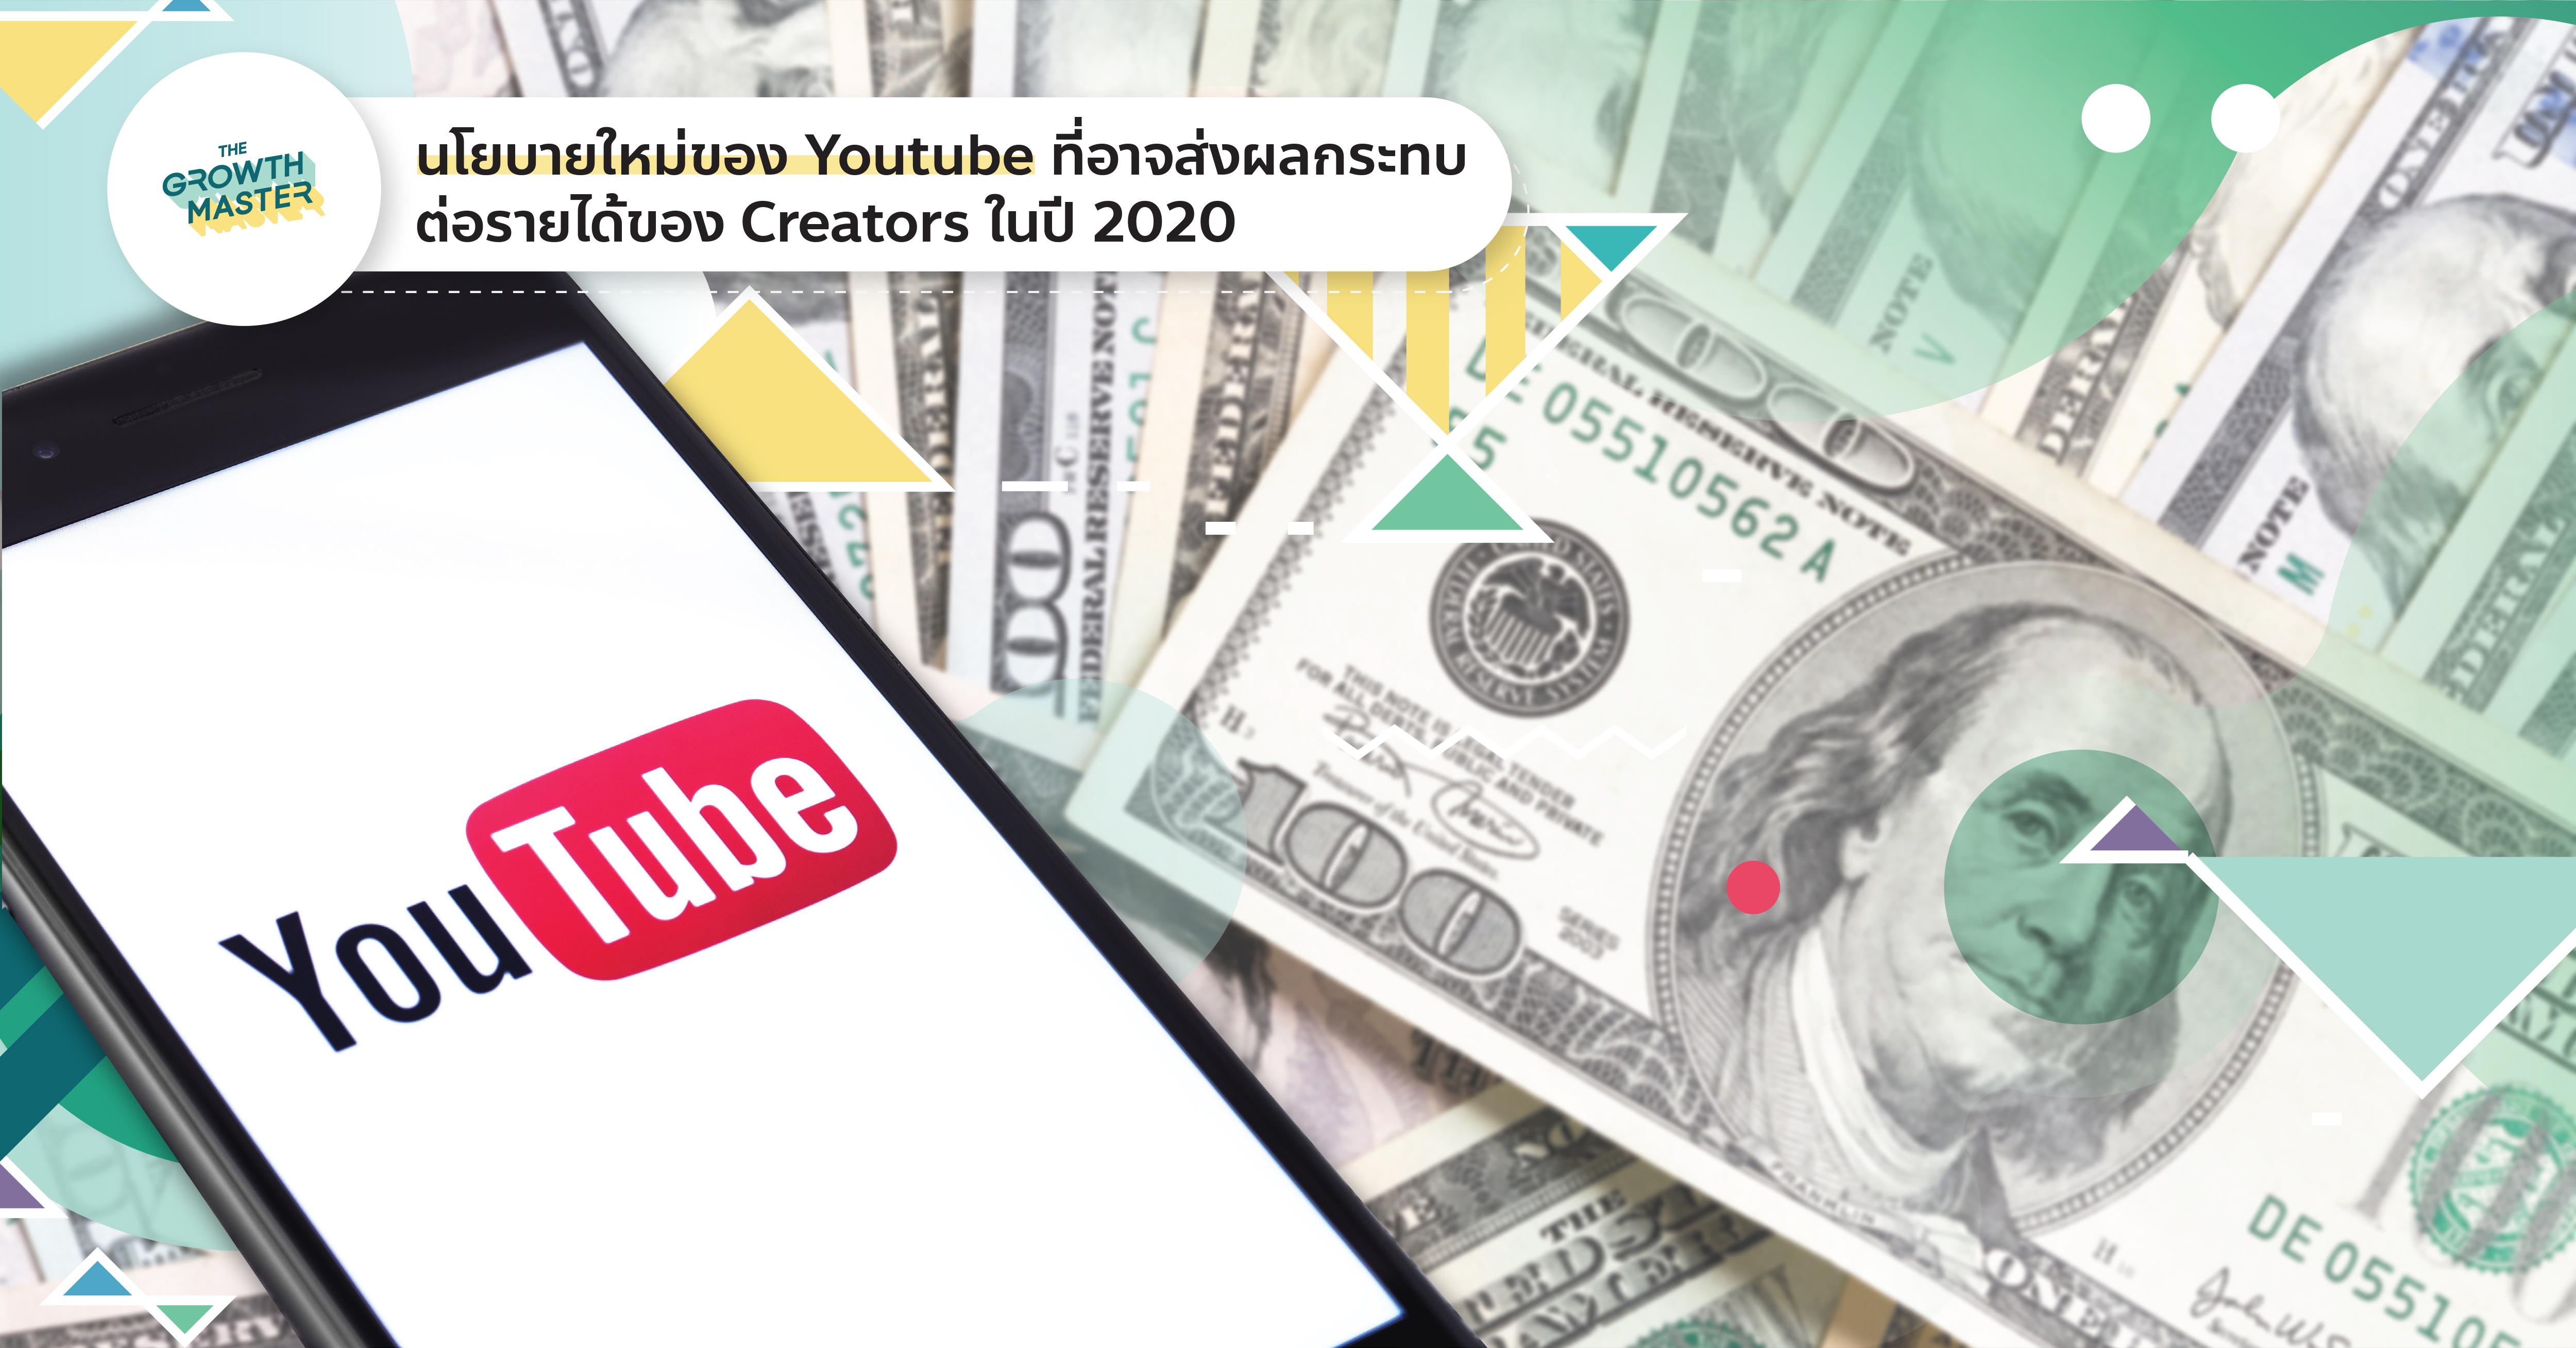 นโยบายใหม่ปี 2020 ของ Youtube ที่อาจส่งผลกระทบต่อรายได้ของครีเอเตอร์